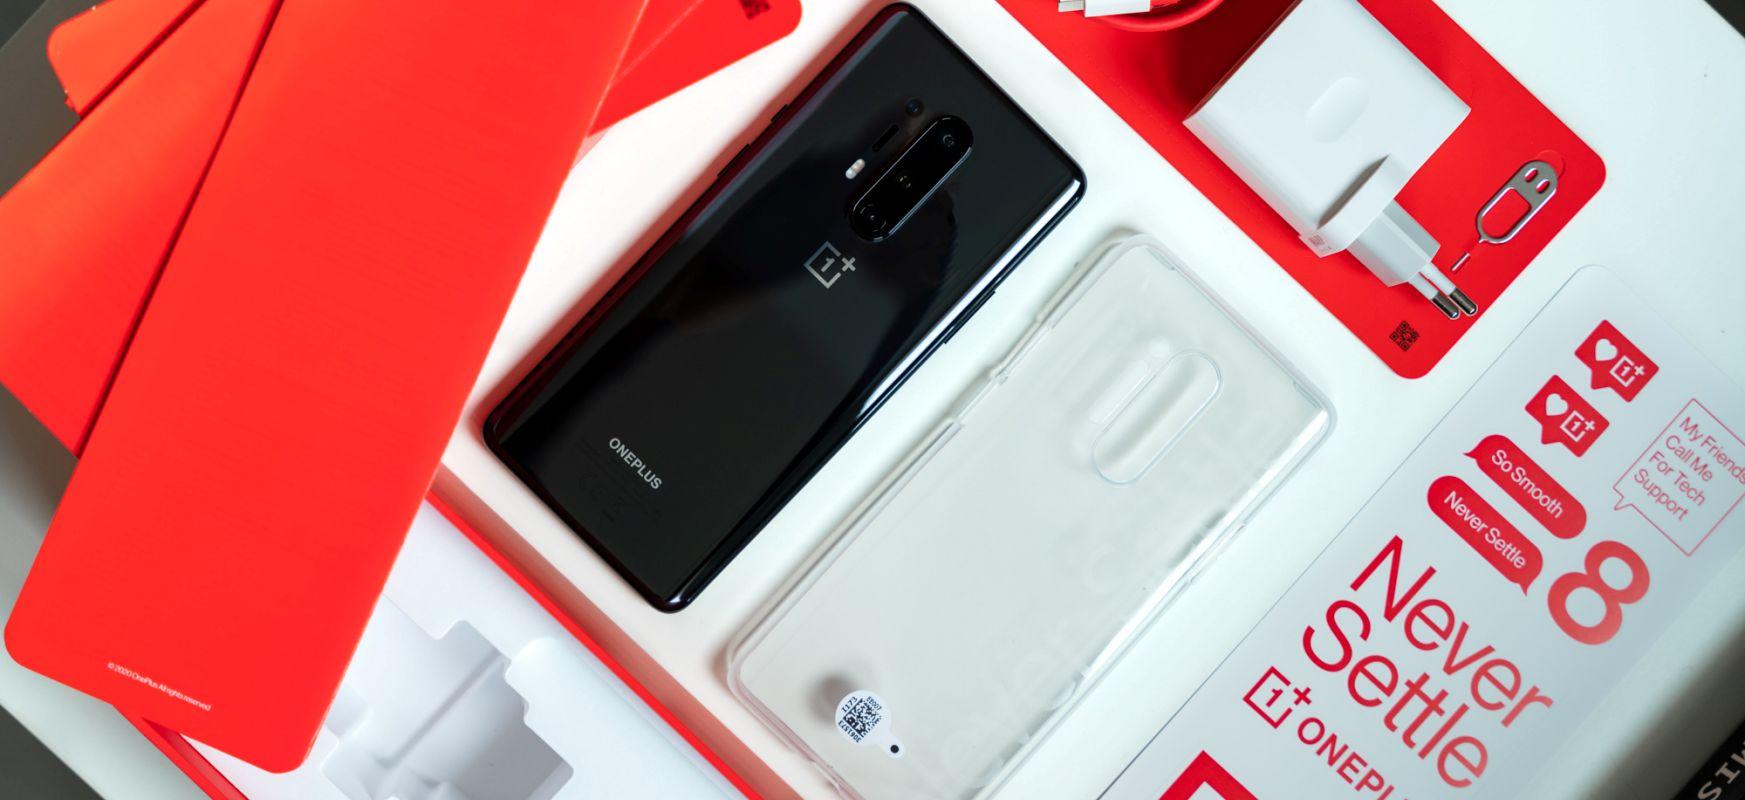 Miraria, eztia eta fruitu lehorrak.  OnePlus 8 Pro - berrikuspena